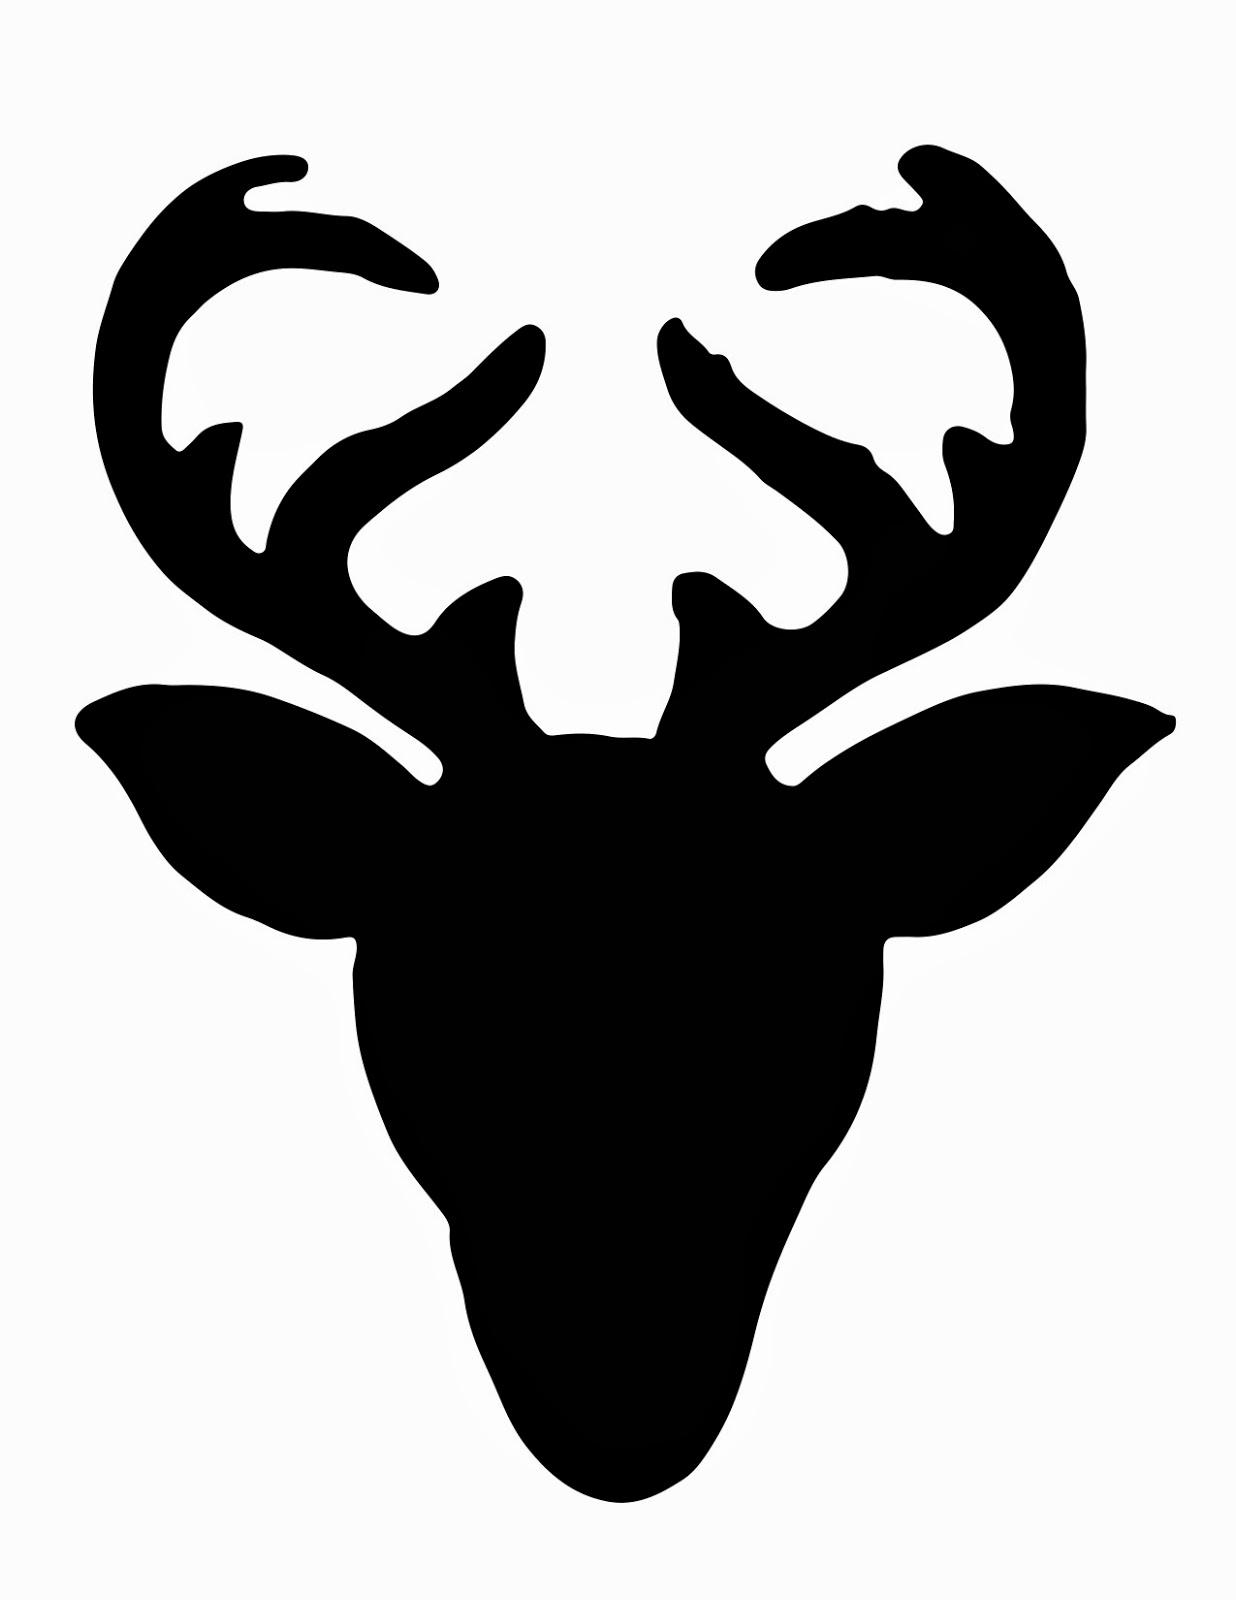 1236x1600 Easy Deer Silhouette